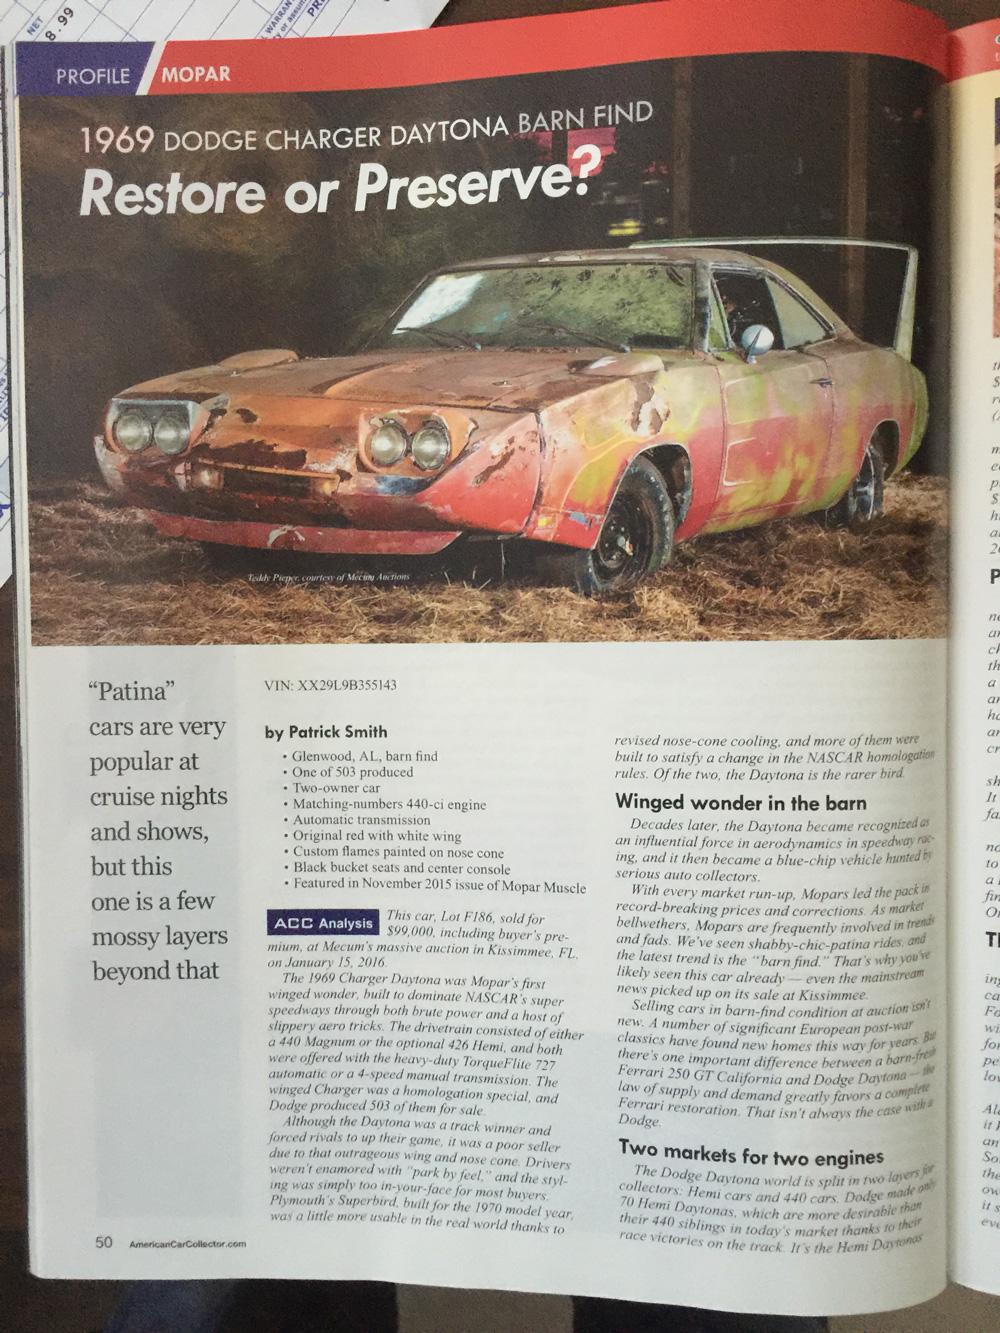 1969 Dodge Charger Daytona Barn Find Restore or Preserve ...